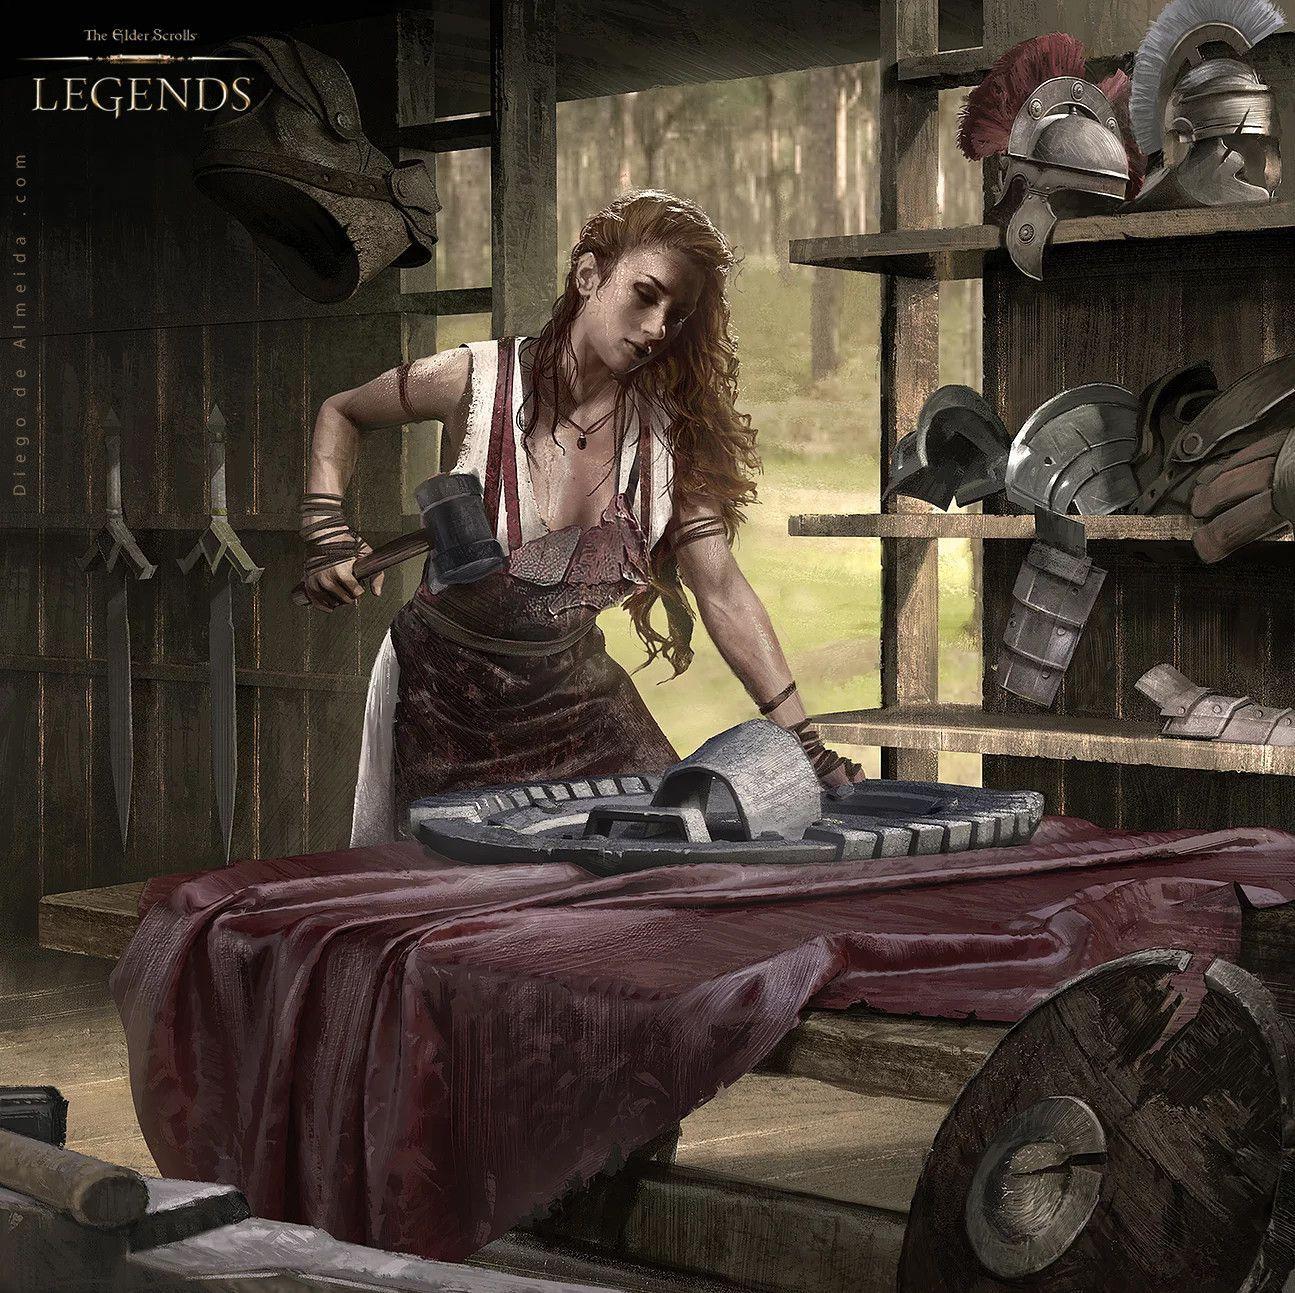 Blacksmithing armorsmith